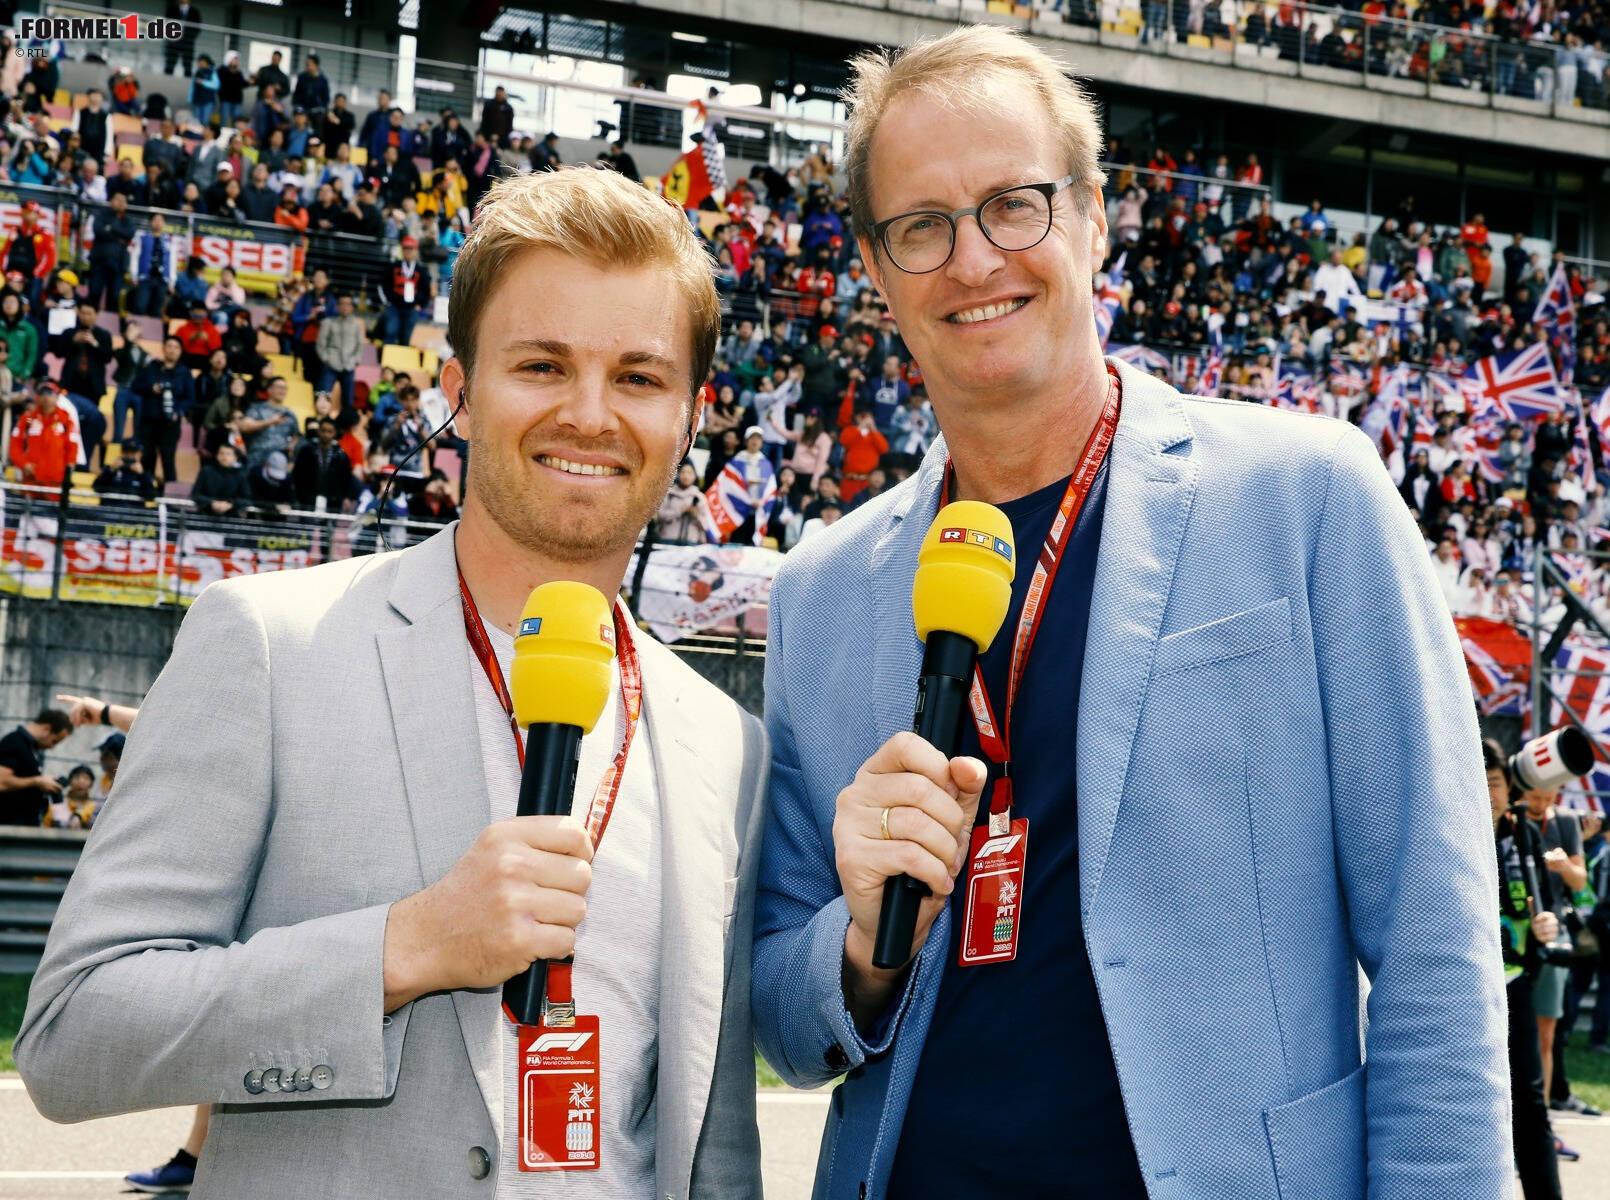 Formel 1 in Ultra-HD: RTL testet neue Live-Übertragung ...